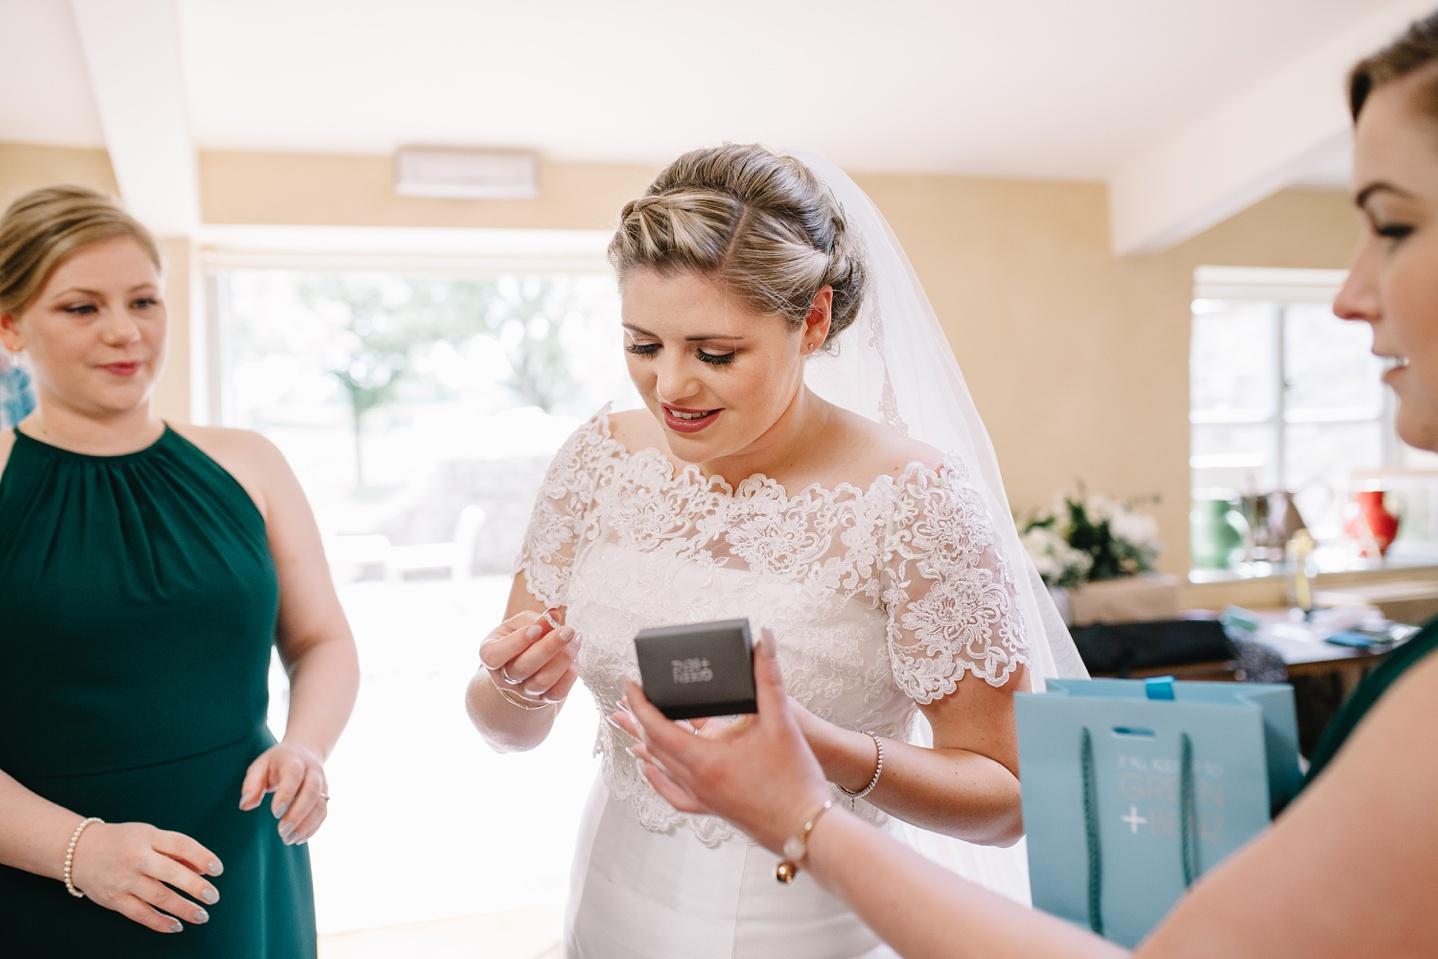 Oxleaze-Barn-Wedding-Photographer_0025.jpg